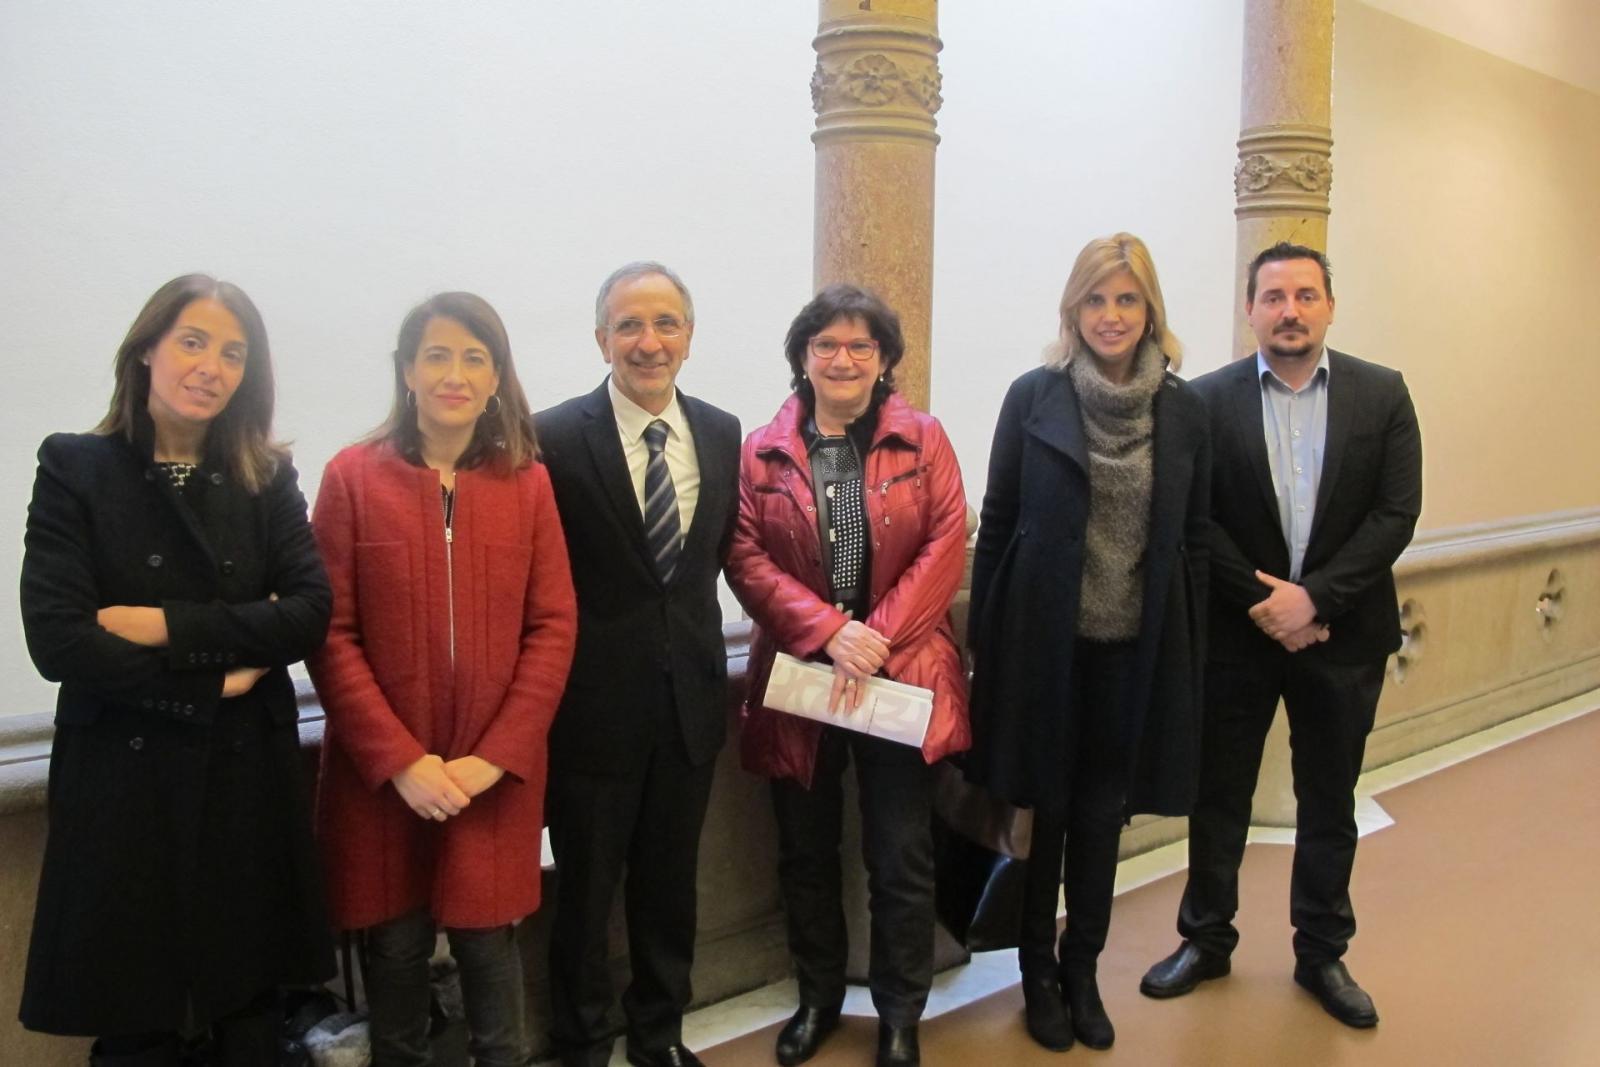 La comissió executiva de la Secció Catalana d'Alcaldes i Alcaldesses per la Pau s'ha trobat a Granollers